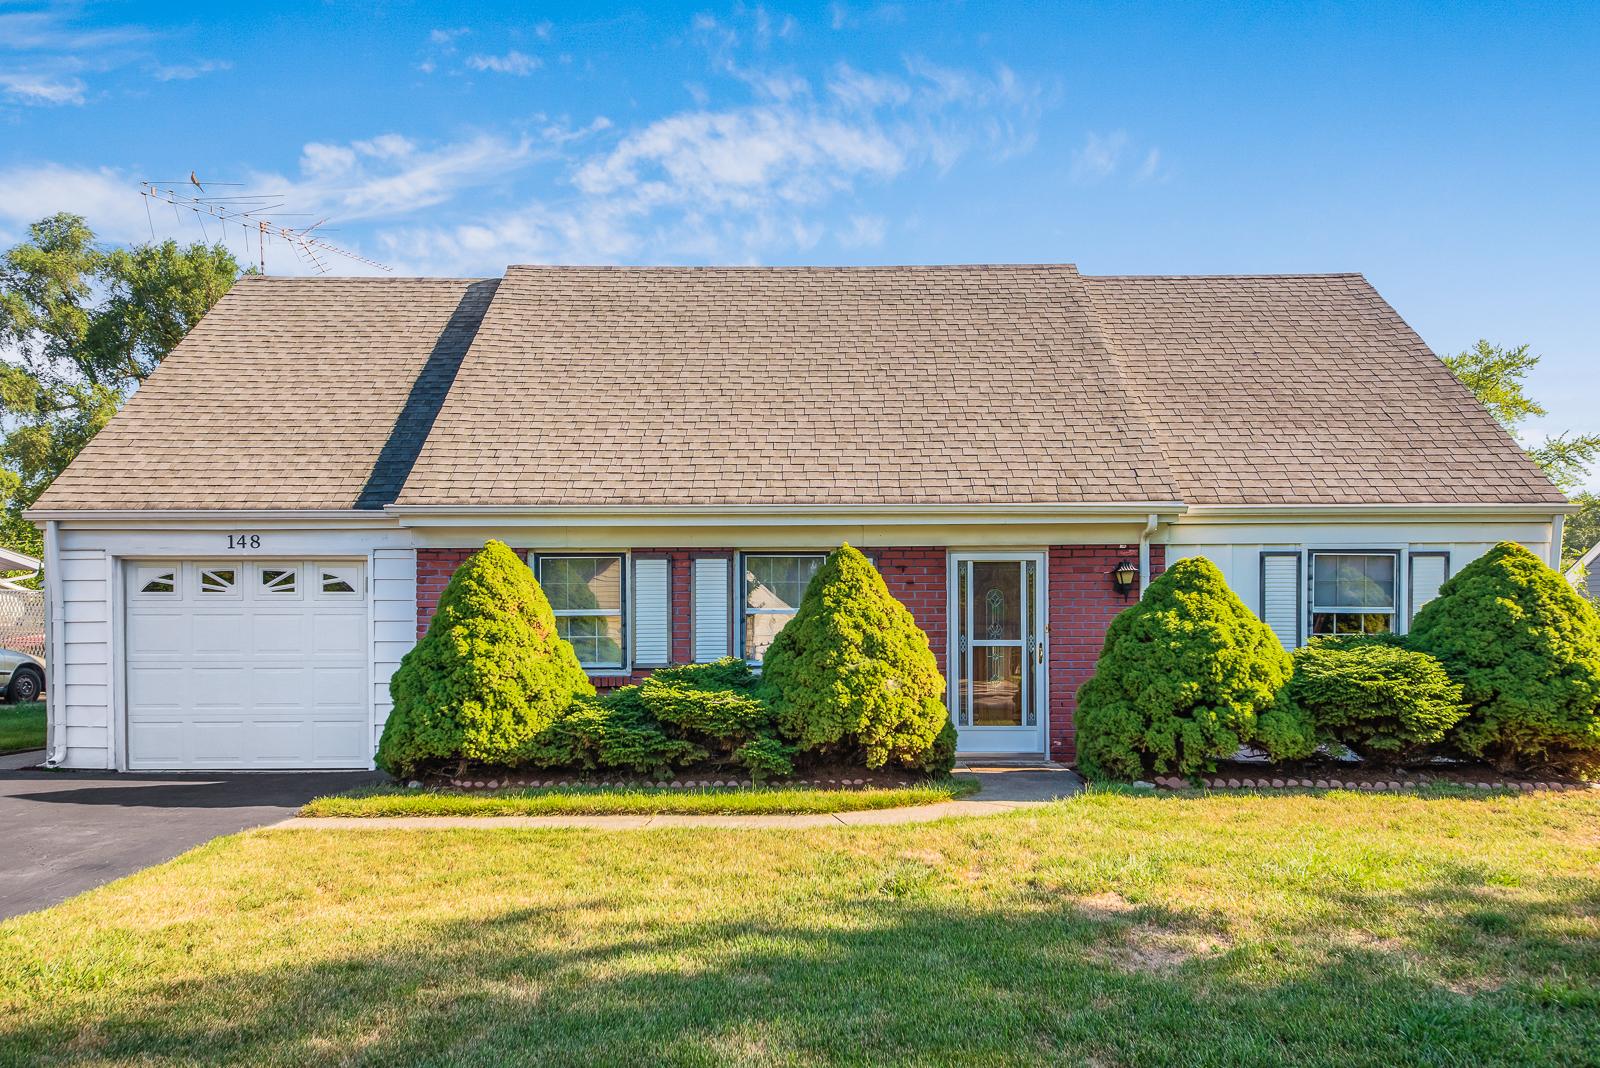 148 Thornhurst Road, Bolingbrook, IL 60440